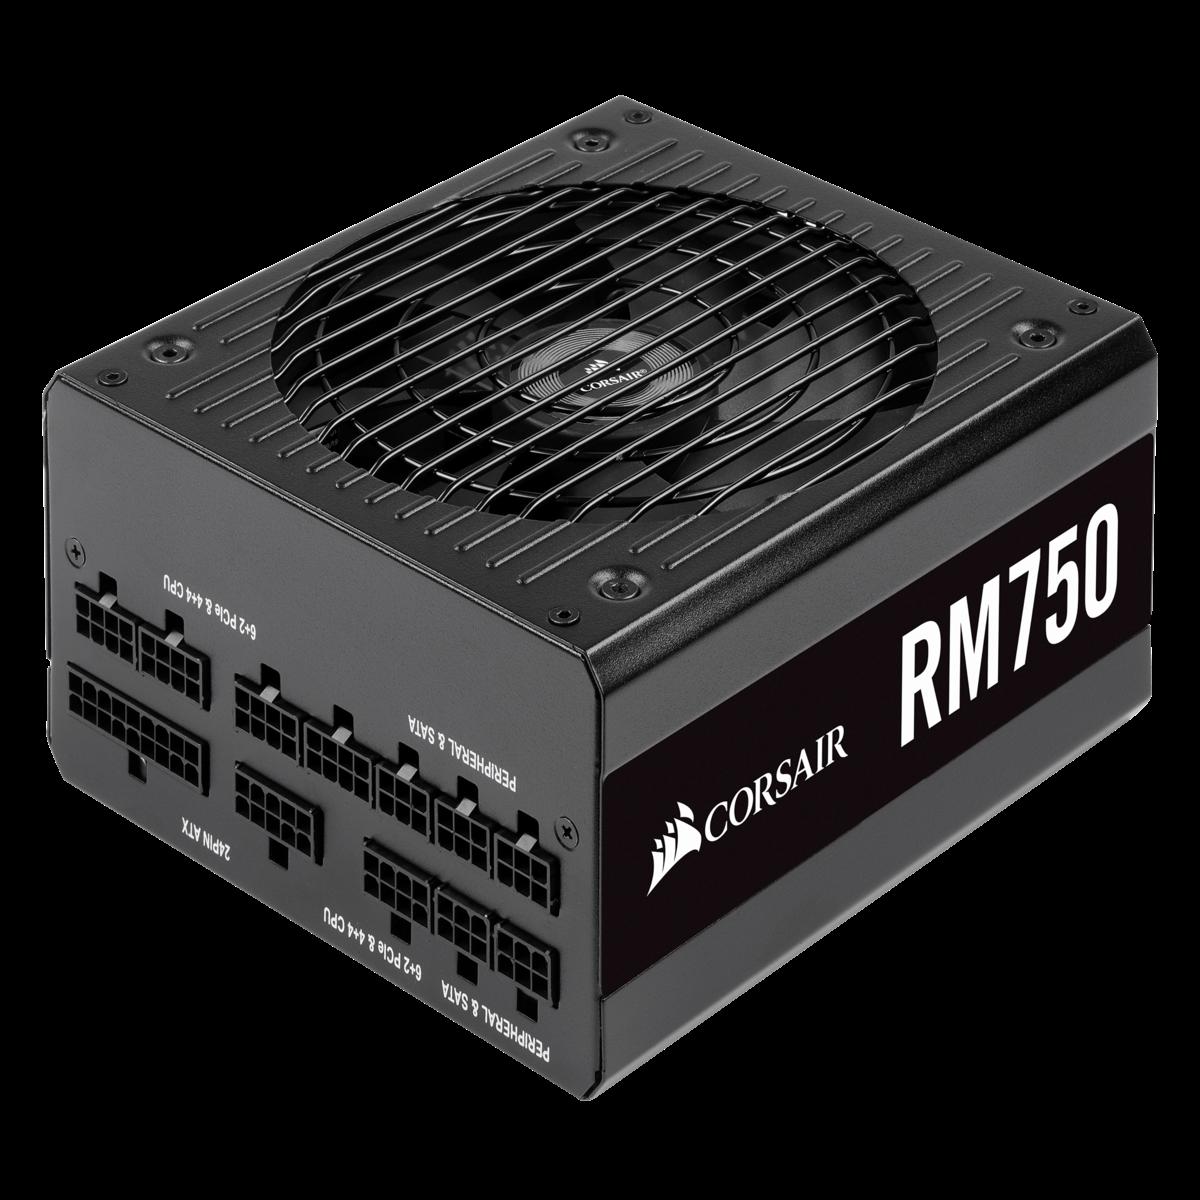 Image 1 of Corsair RM Series Rm750 80 Plus Gold Fully Modular Atx Power Supply Cp-9020195-Au CP-9020195-AU